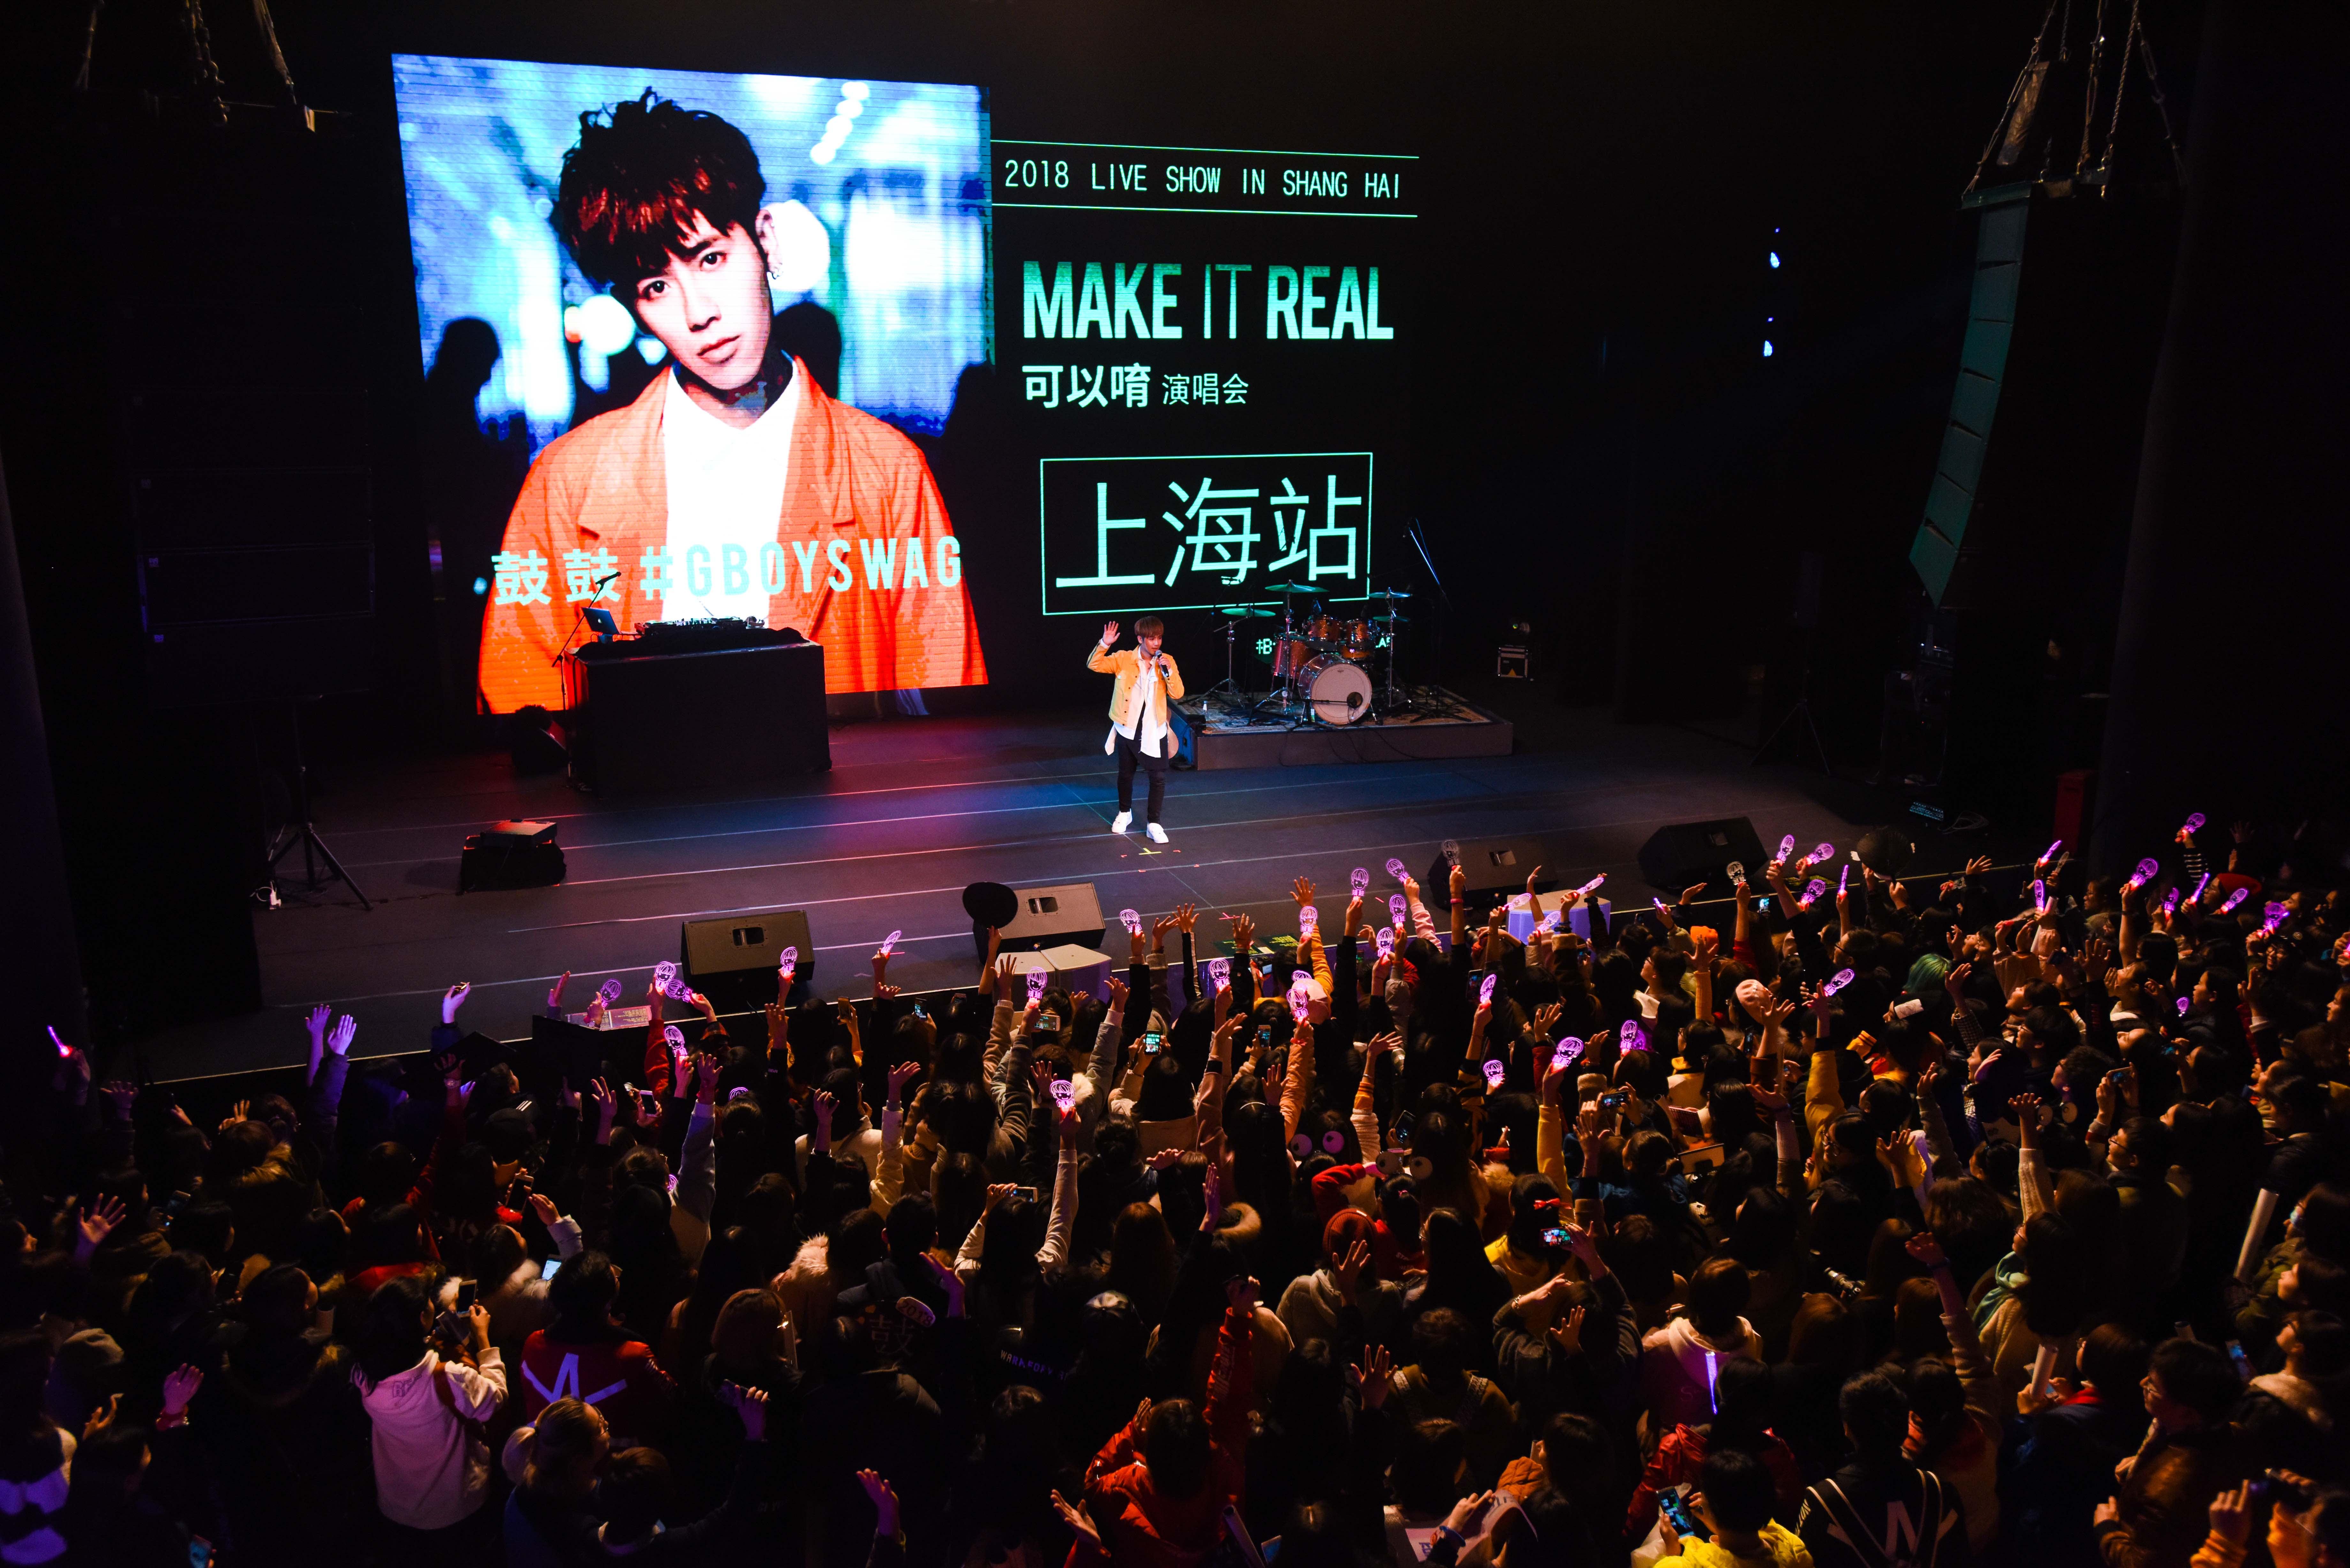 「全能創作魔電新人王」鼓鼓MAKE IT REAL可以唷演唱會引爆上海